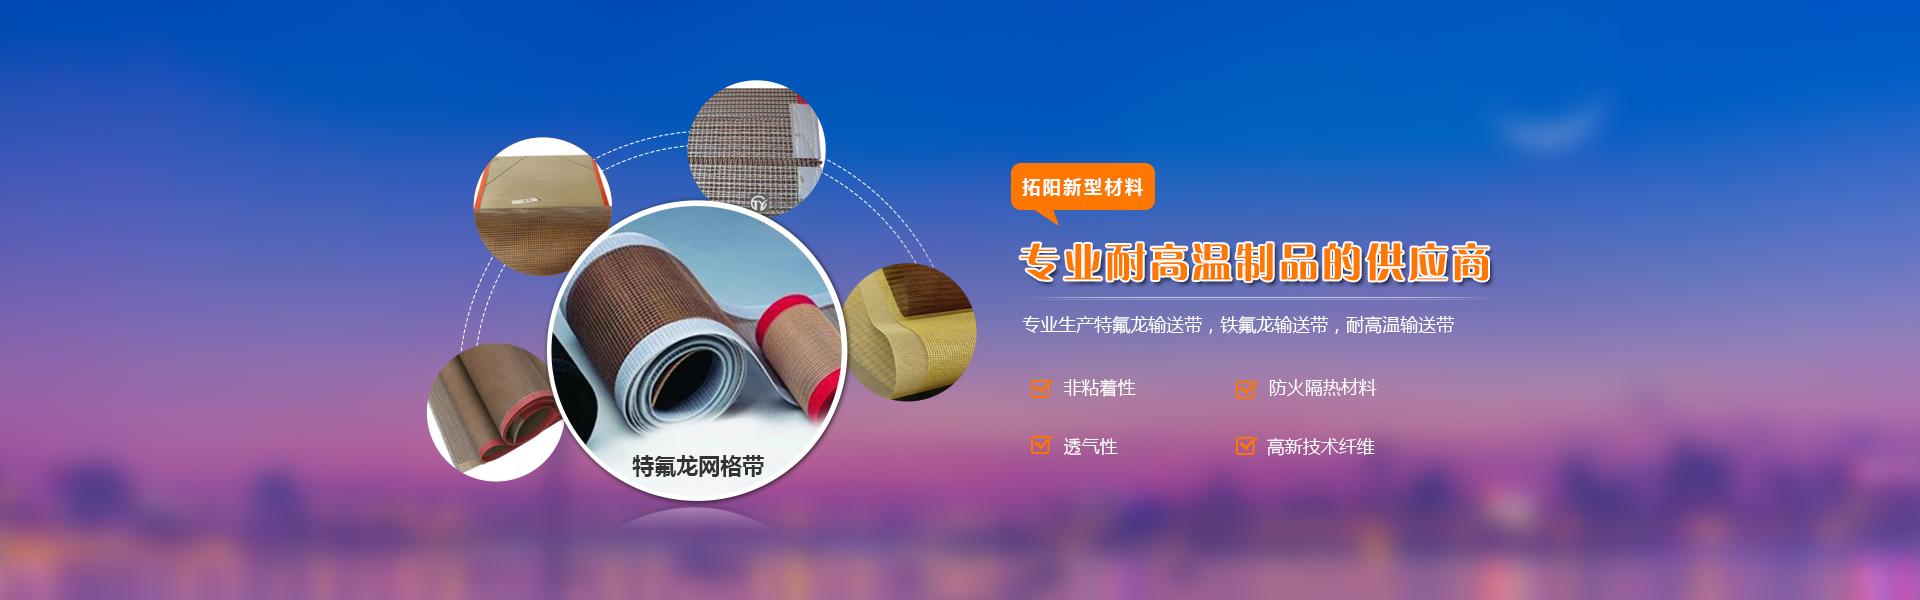 苏州拓阳新型材料科技有限公司